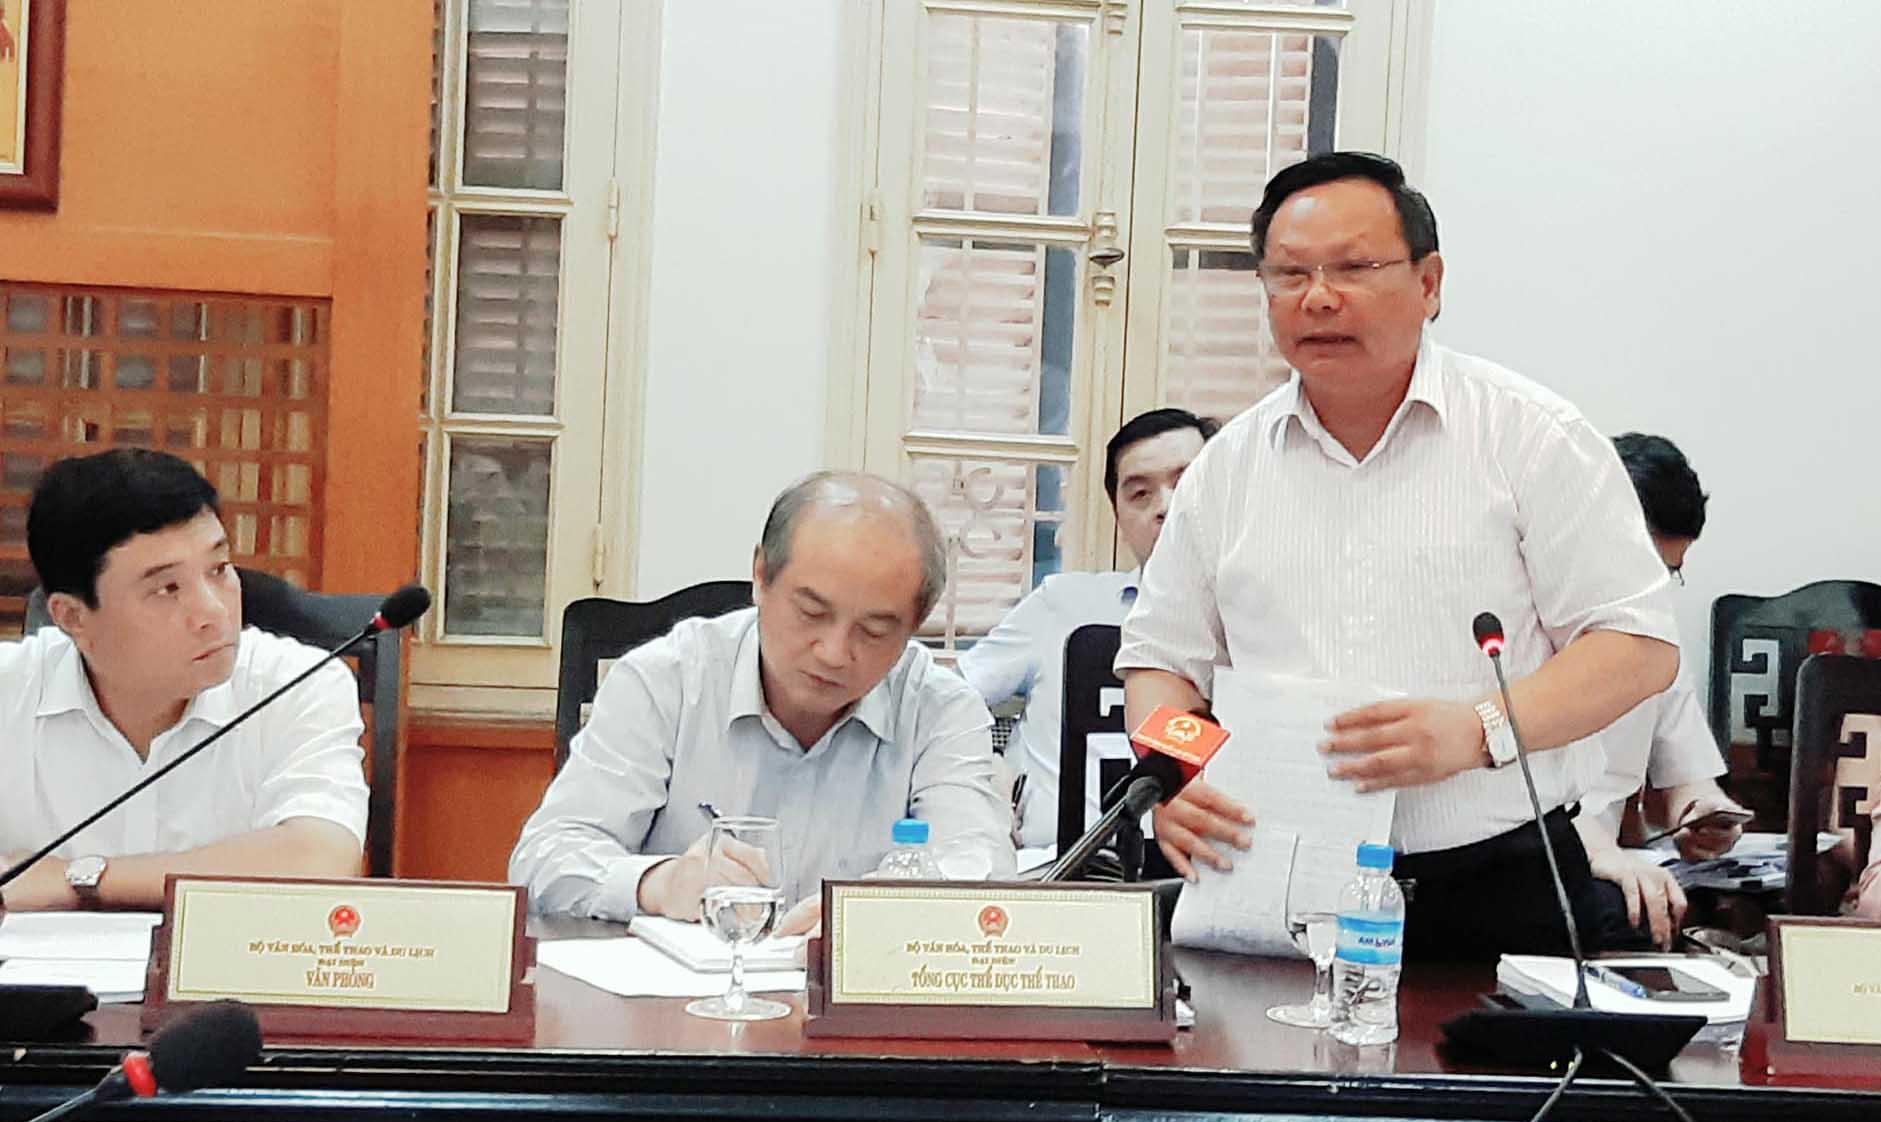 Khách Trung Quốc mặc áo đường lưỡi bò nhập cảnh: 'Sự cố nhỏ'